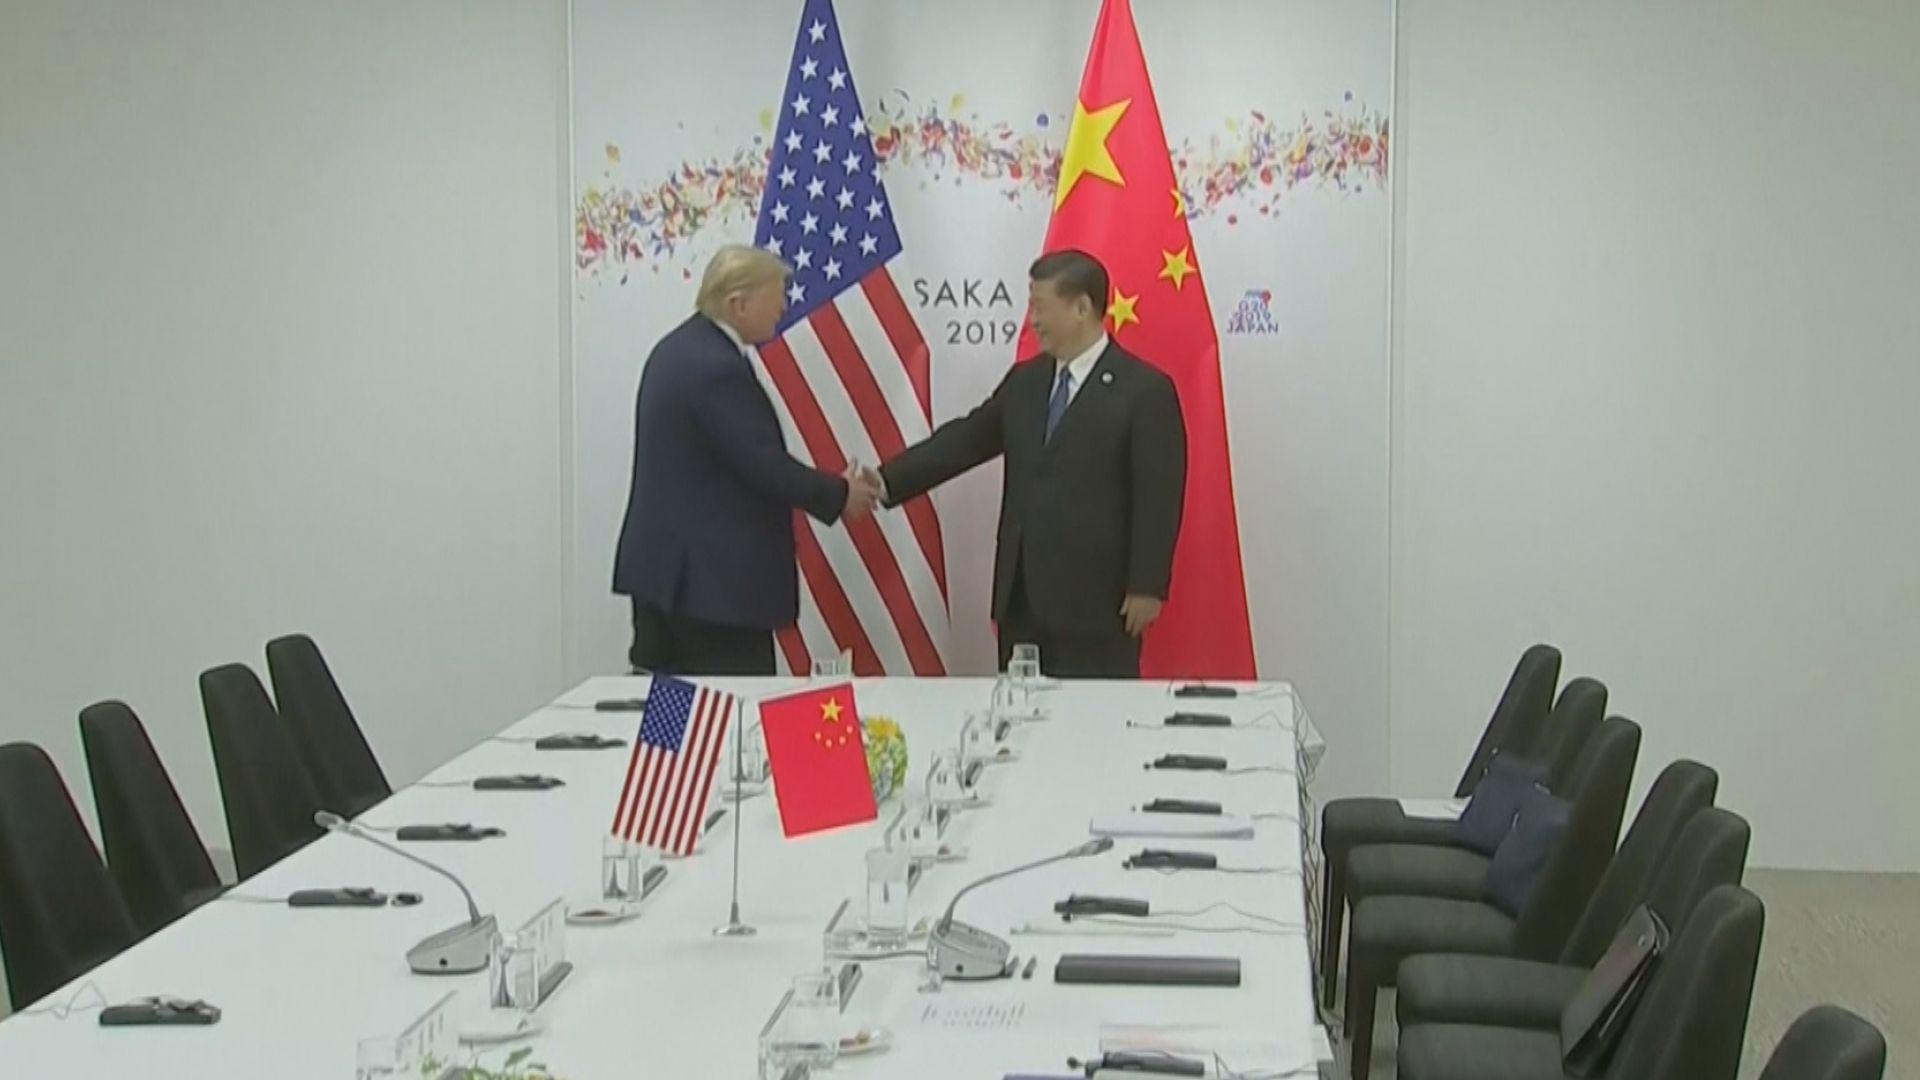 新華社:中美兩國同意重啟經貿磋商